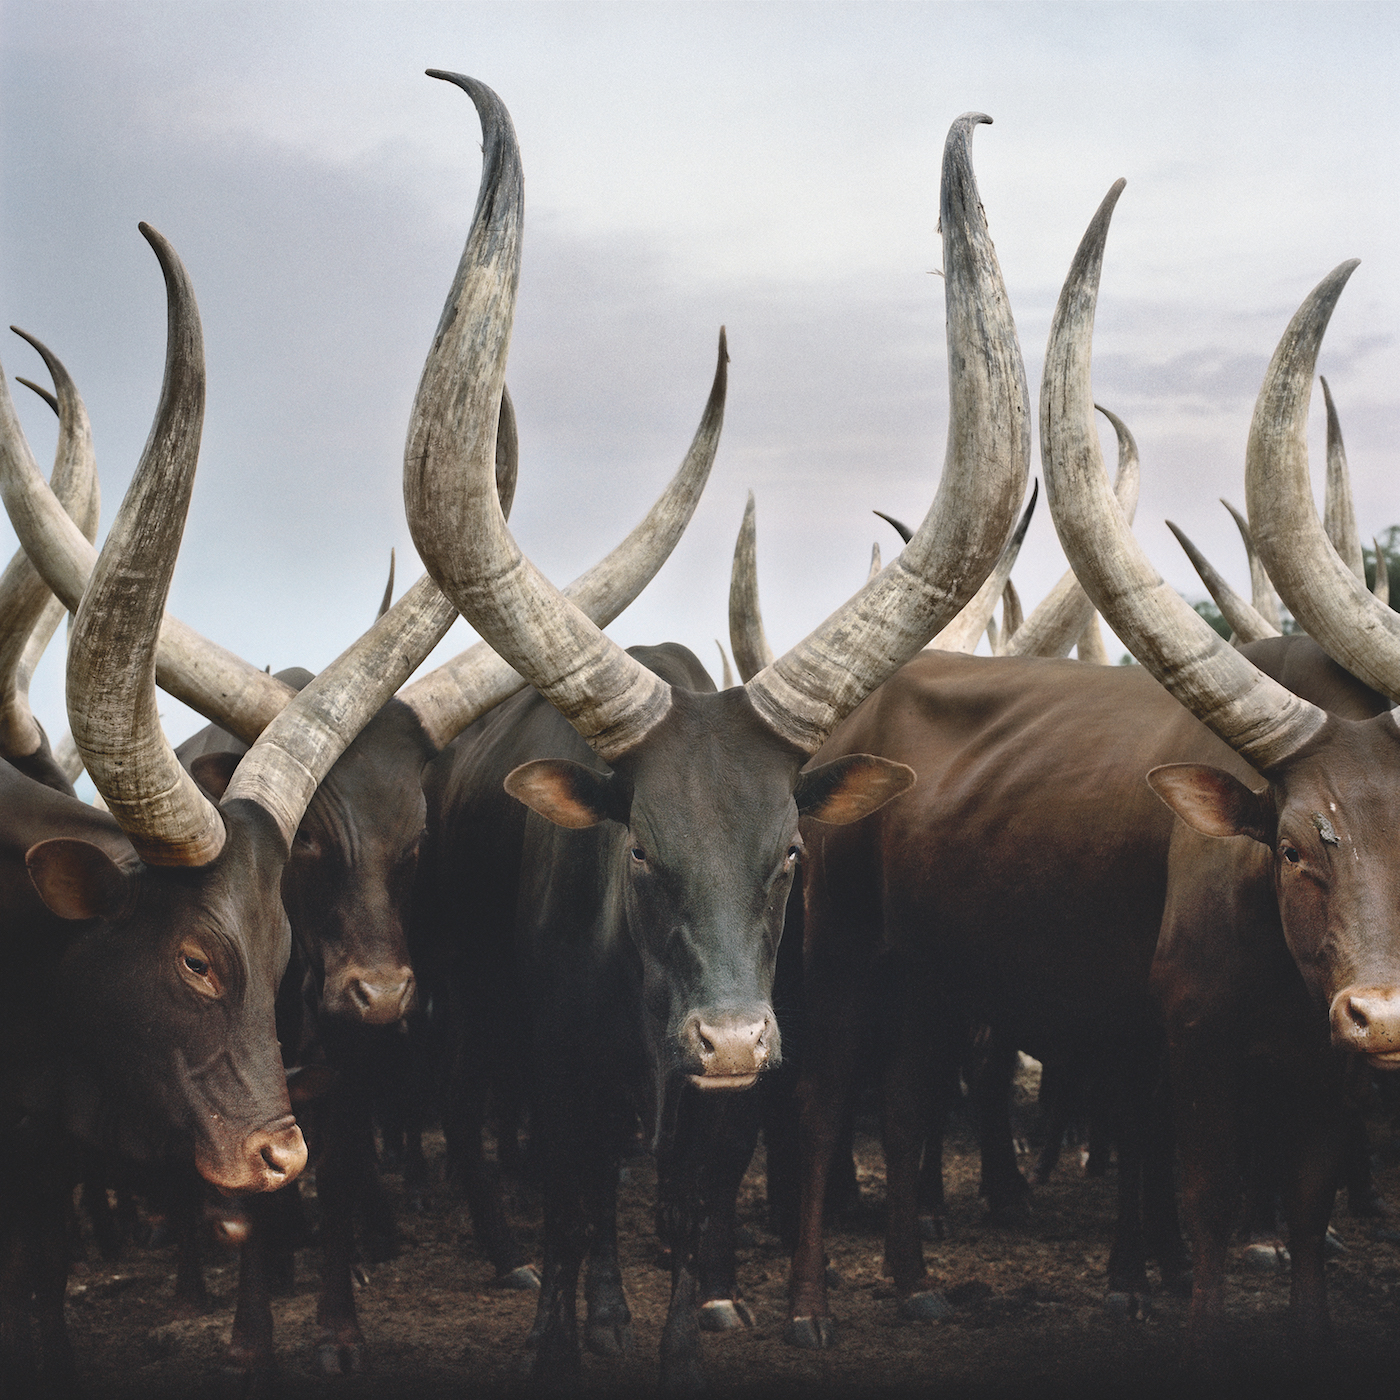 Group of Ankole cattle. Kiruhura district, Western Region, Uganda, 2012.